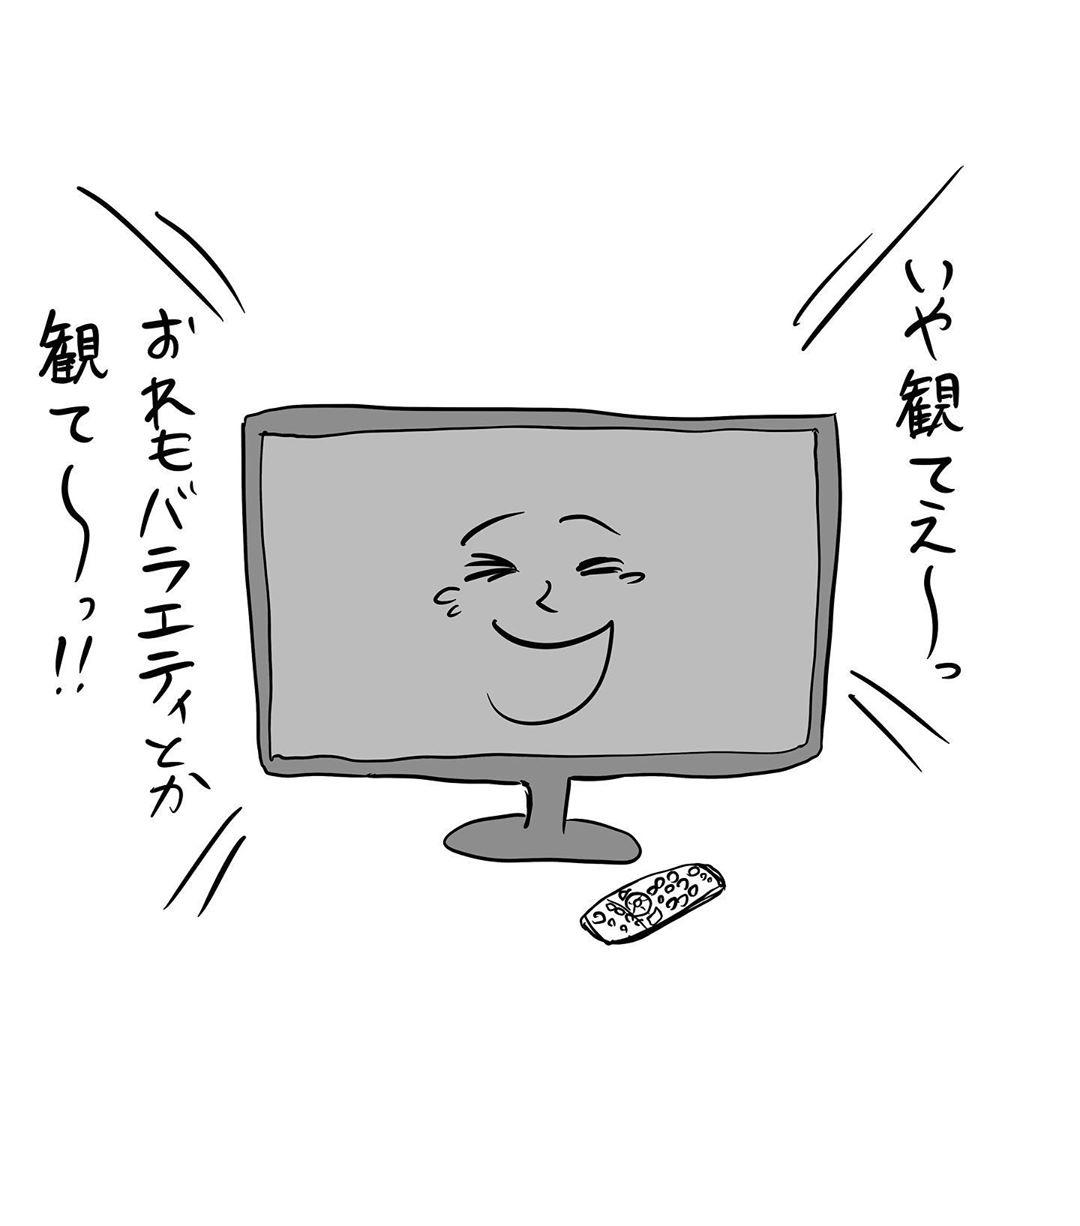 iiazishichuu_89264428_908196262972352_10408604402977520_n